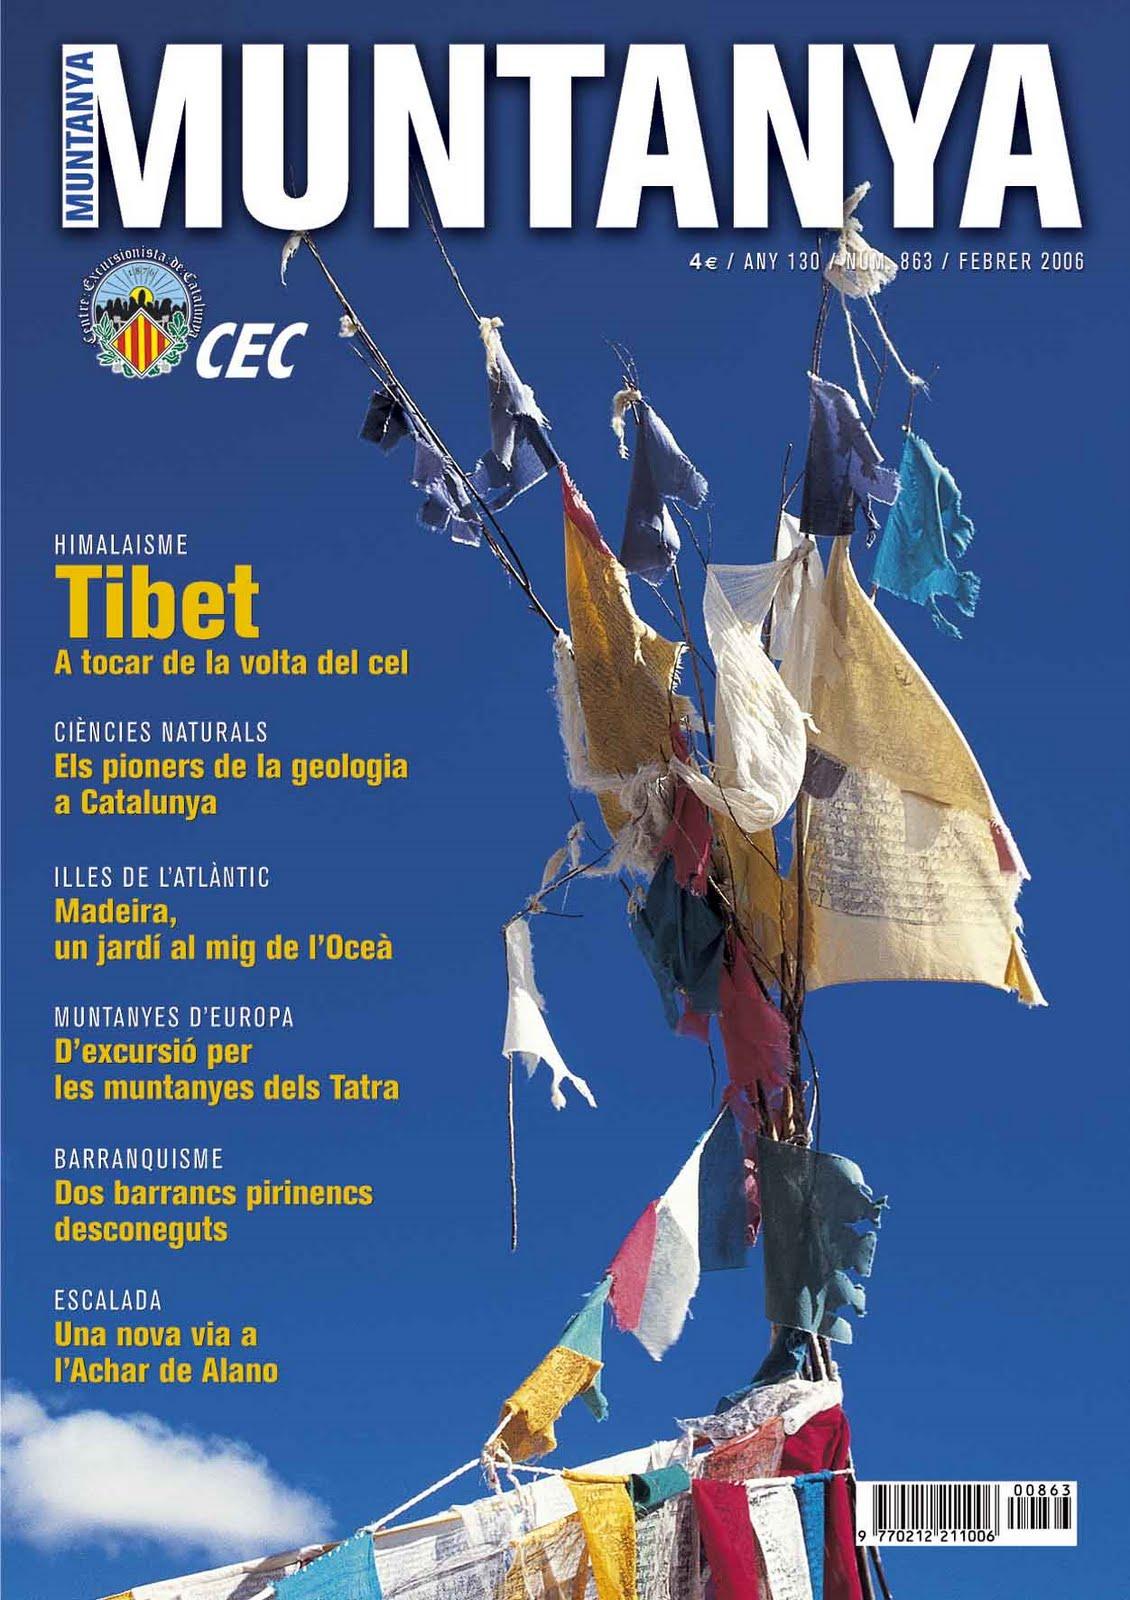 Un article sobre el Tibet